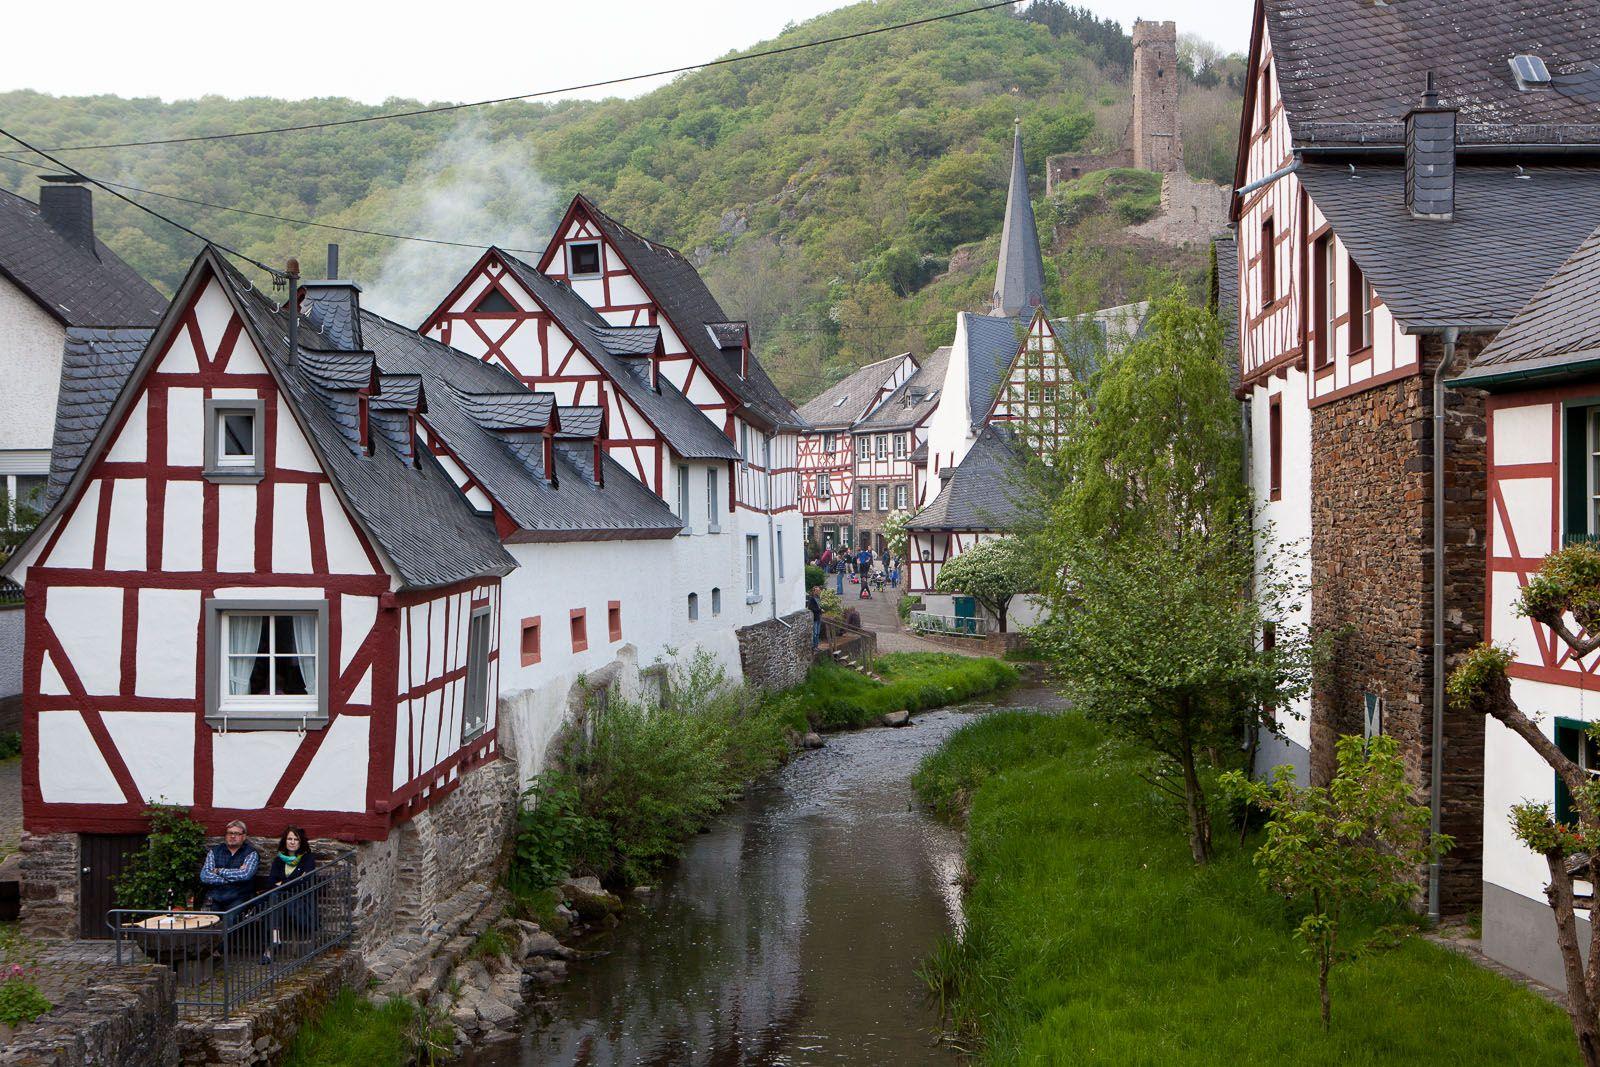 Monreal Deutschland Wohnmobil Highlight Mit Bildern Urlaub Im Wohnmobil Wohnmobil Touren Wohnmobil